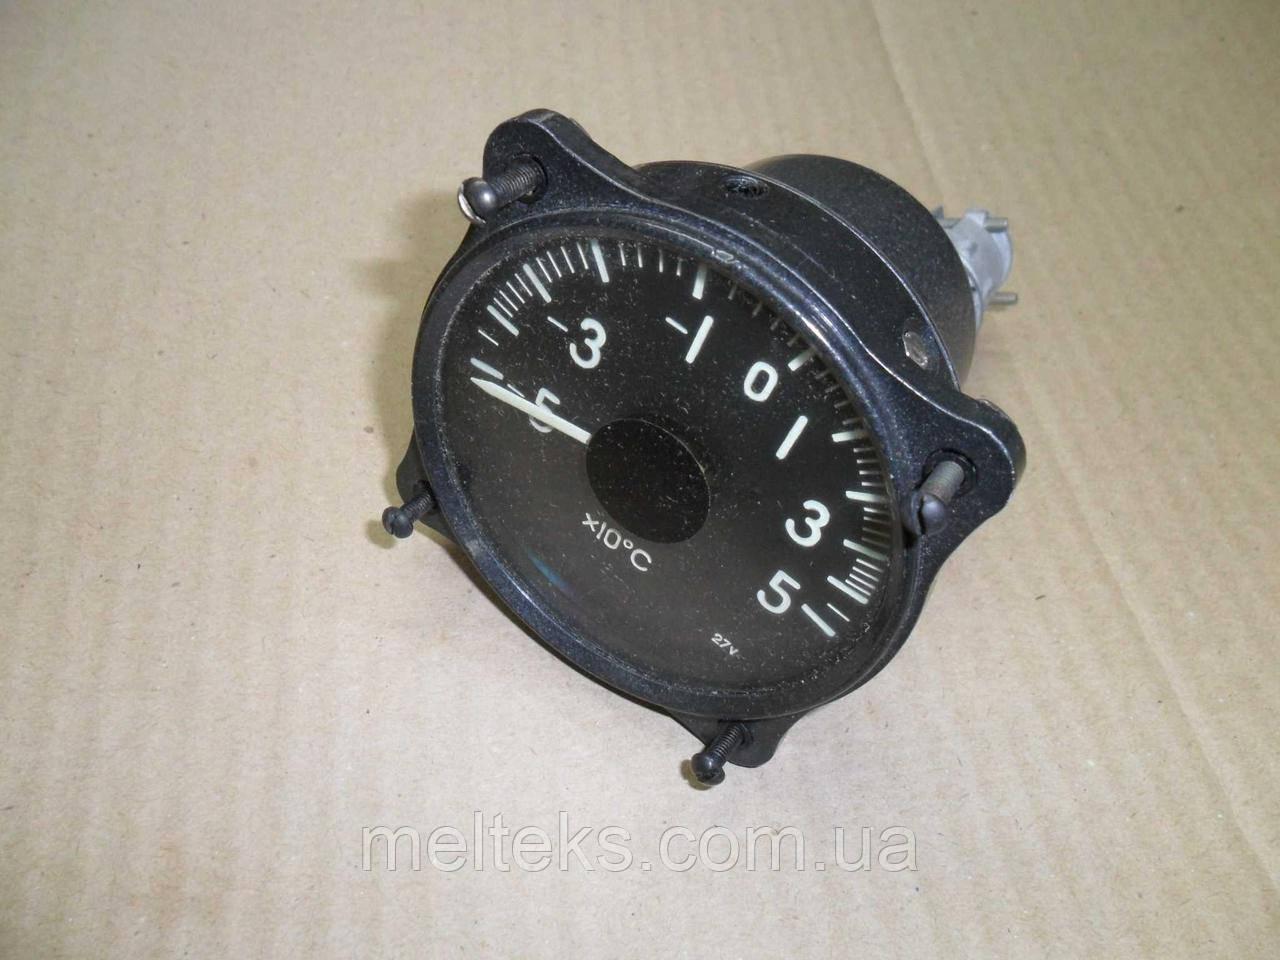 Термометр ТУЭ-4